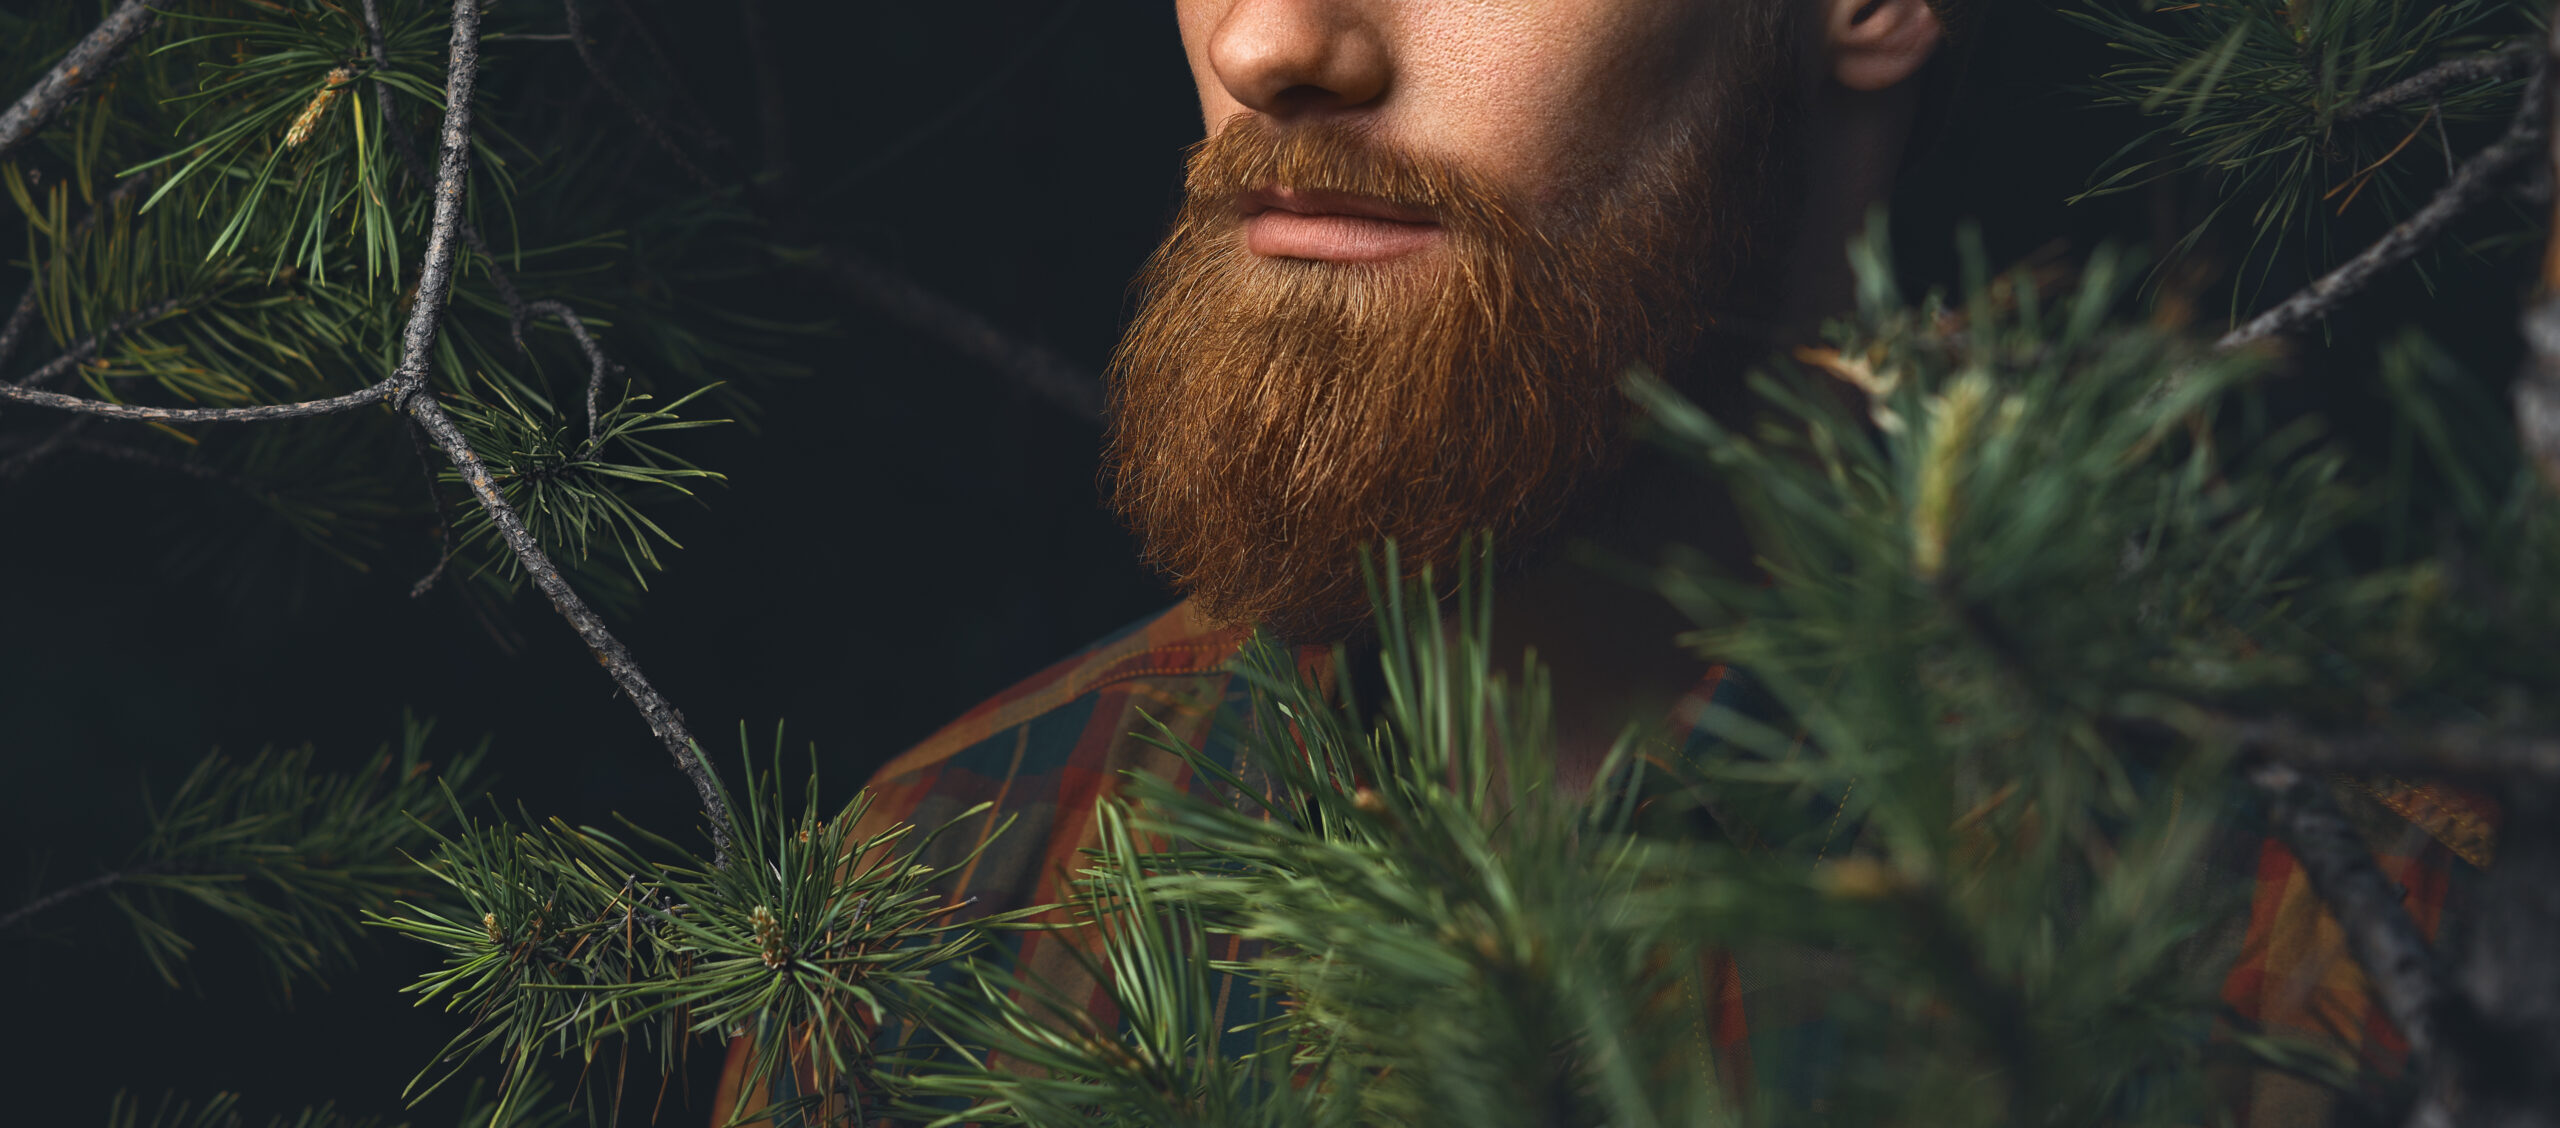 3 soins essentiels pour entretenir sa barbe